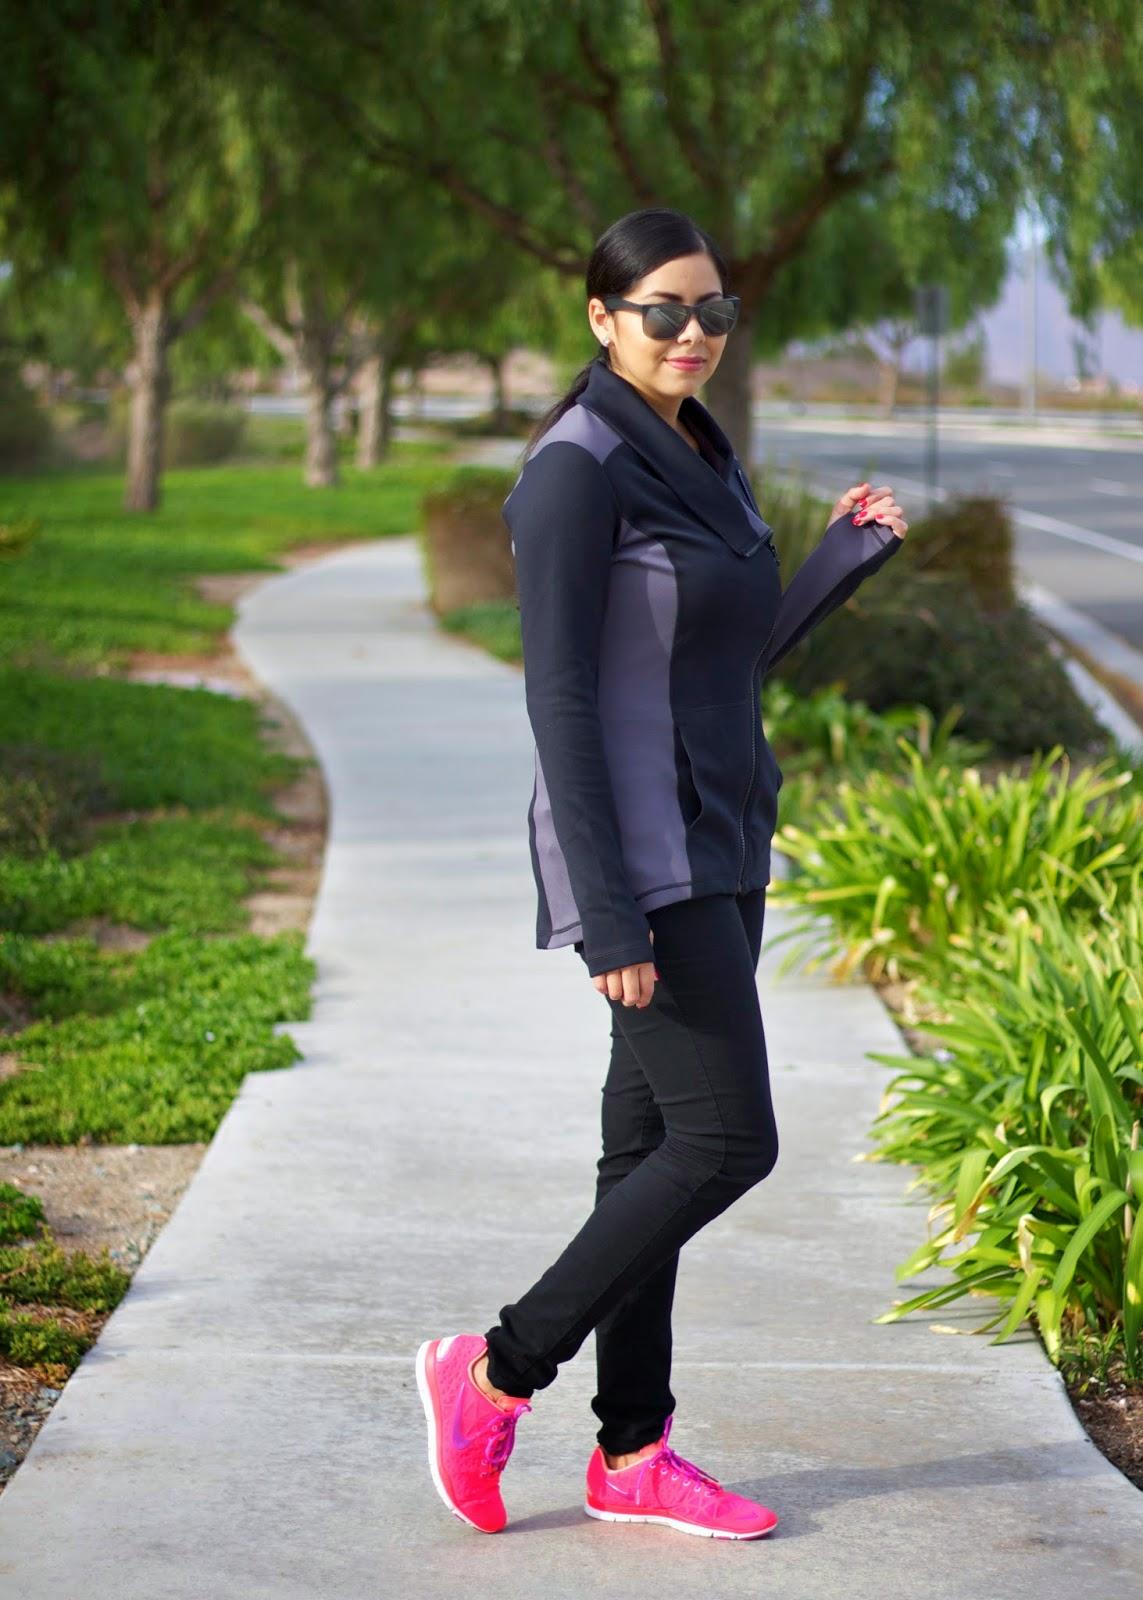 Fashionable athletic wear, gym fashion, casual gym fashion, fashionable casual outfit, Disneyland outfit